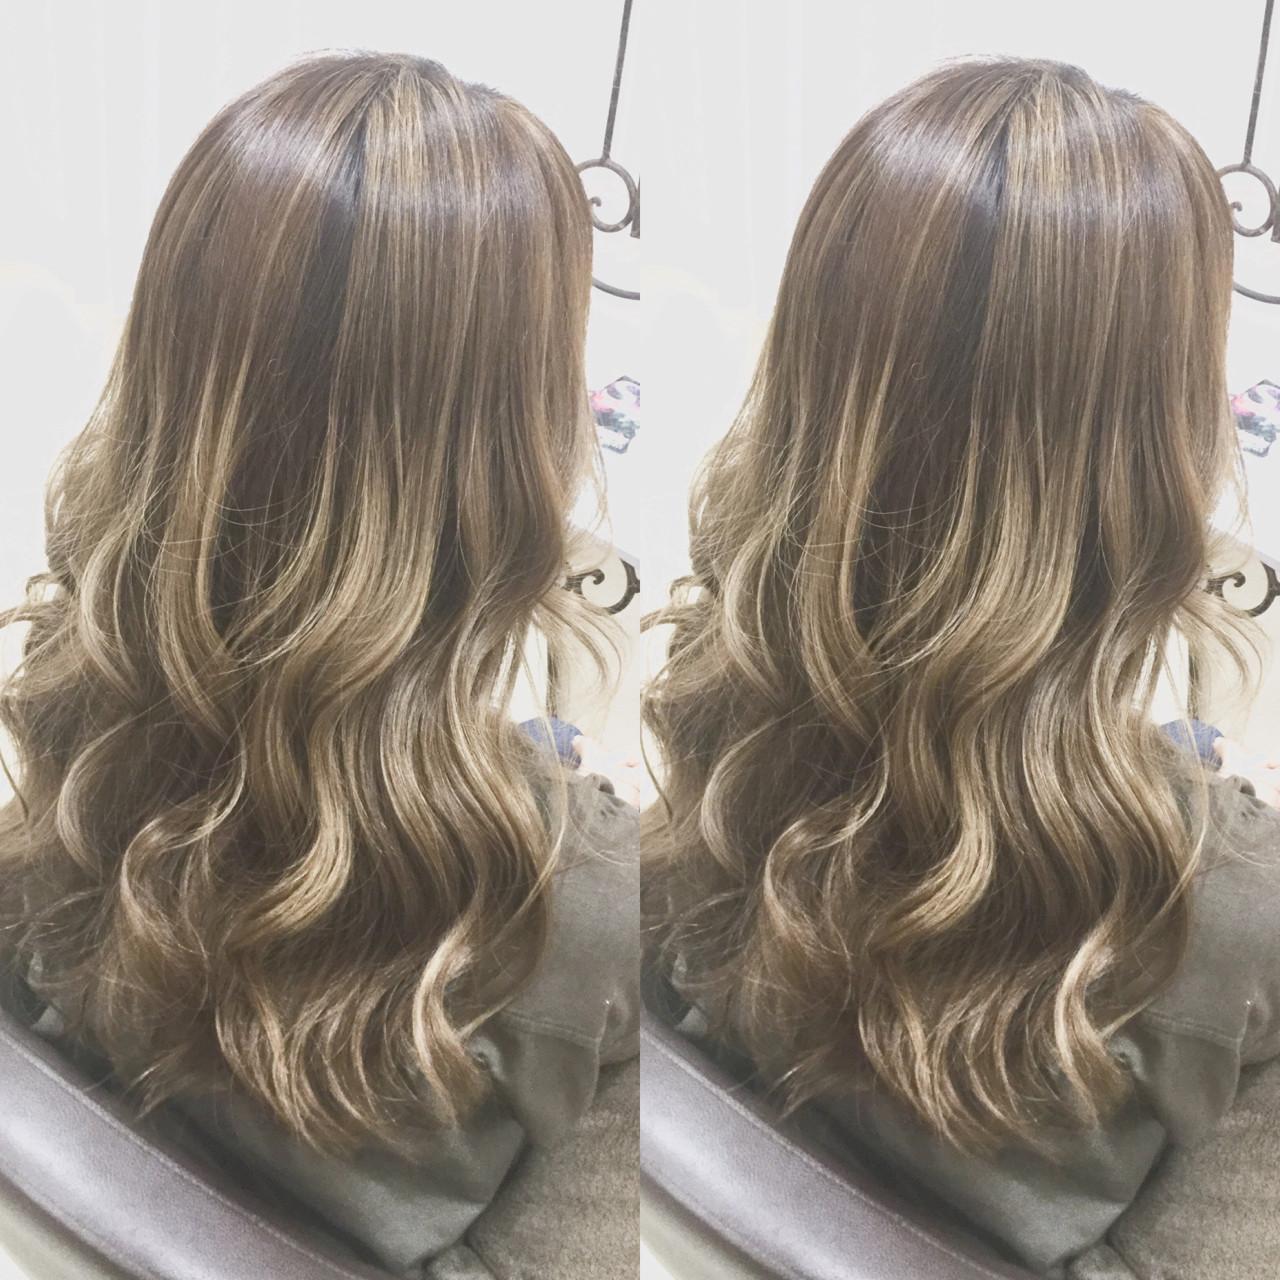 グラデーションカラー 外国人風カラー ハイライト ロングヘアスタイルや髪型の写真・画像